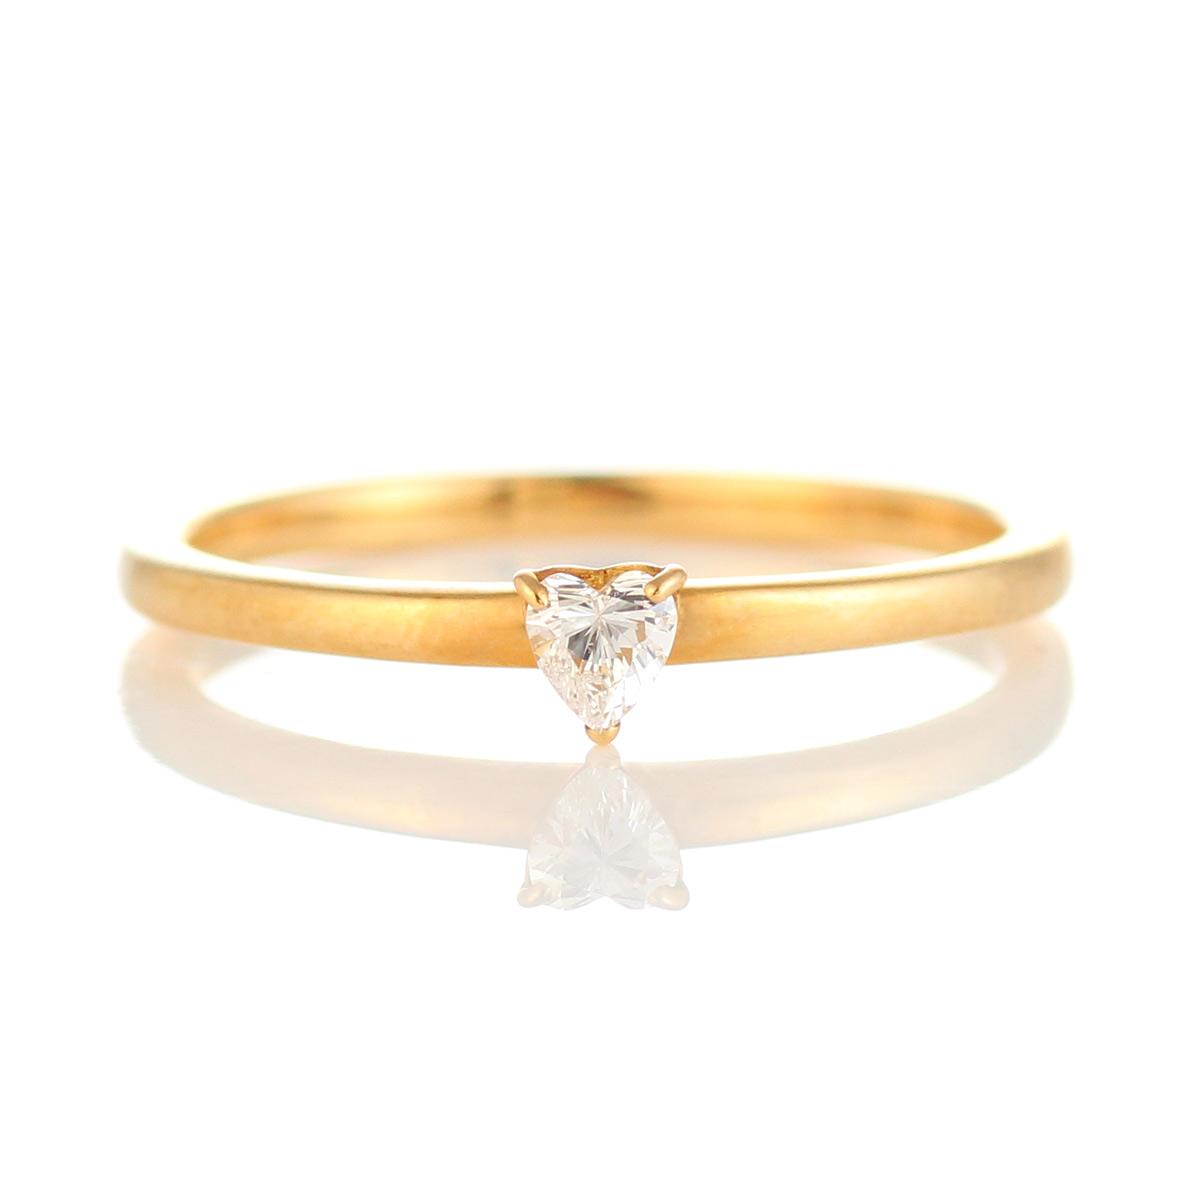 ダイヤモンド リング ハート カット ダイヤモンドリング 指輪 イエローゴールド